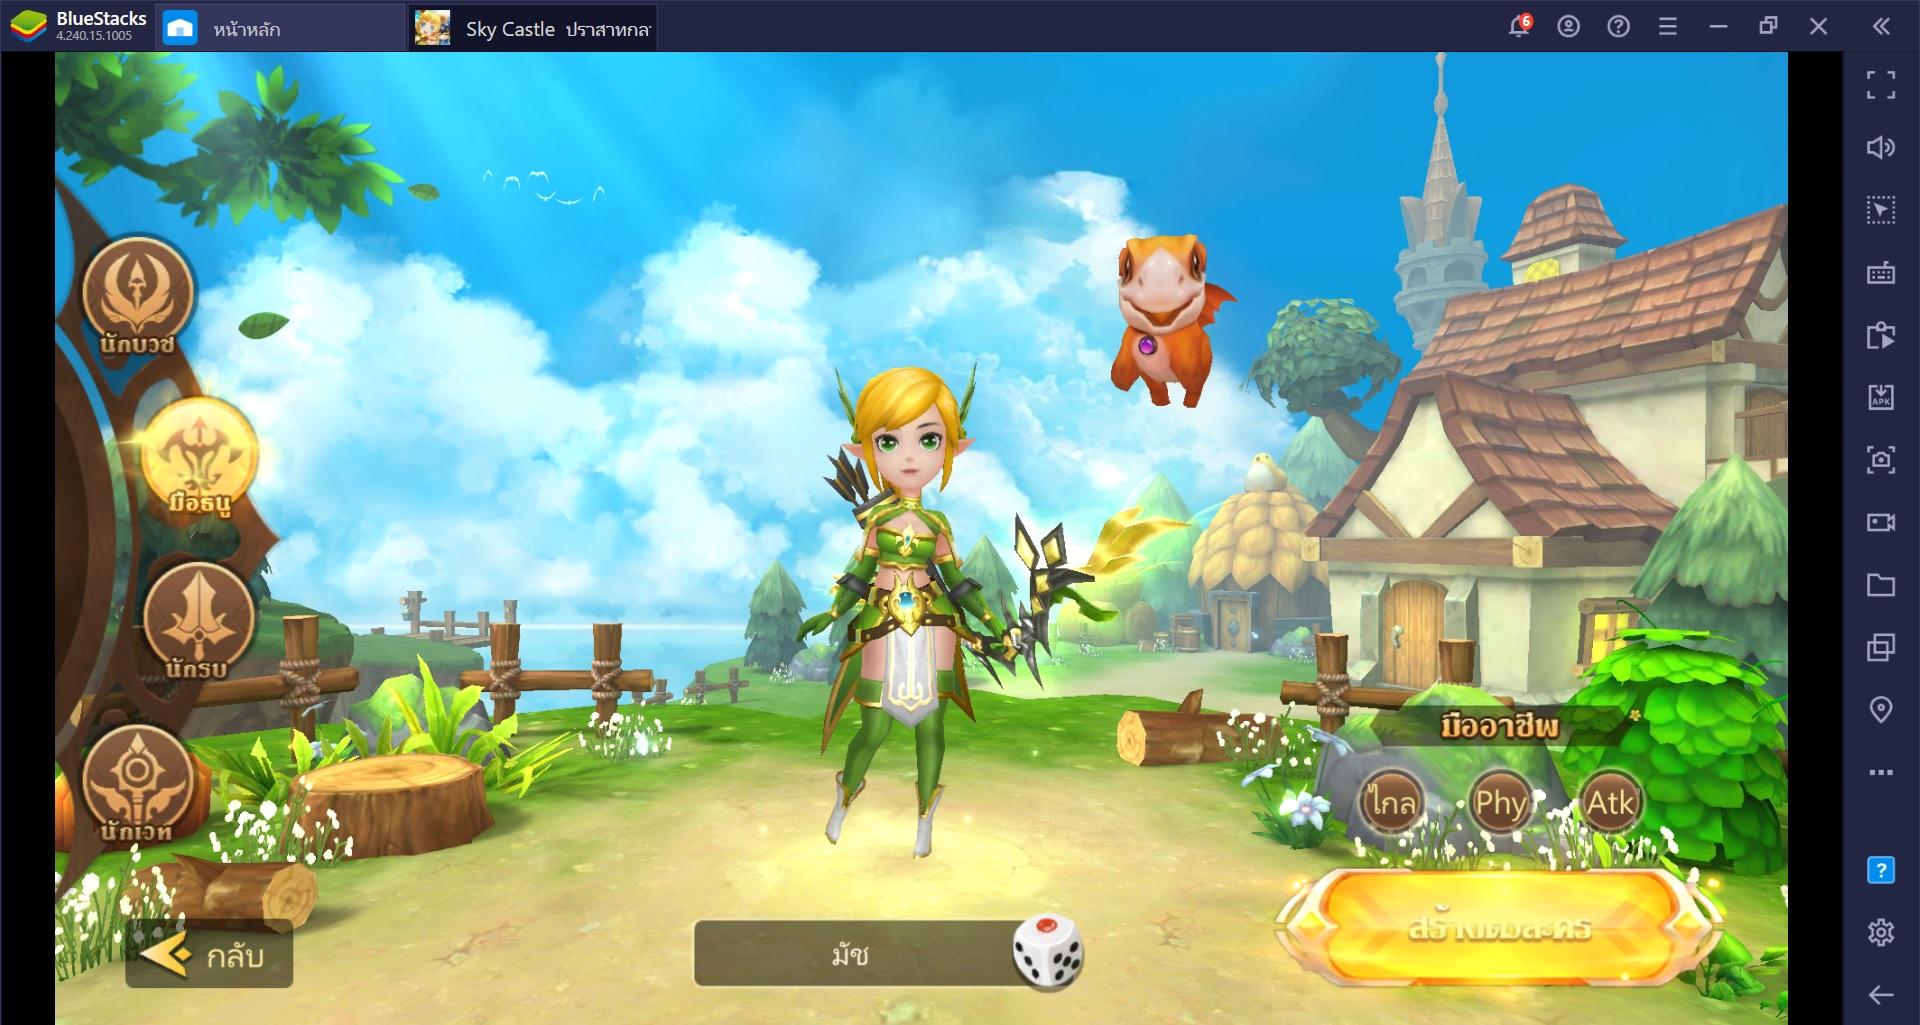 เจาะลึกอาชีพภายในเกม Sky Castle: ปราสาทกลางฟ้า